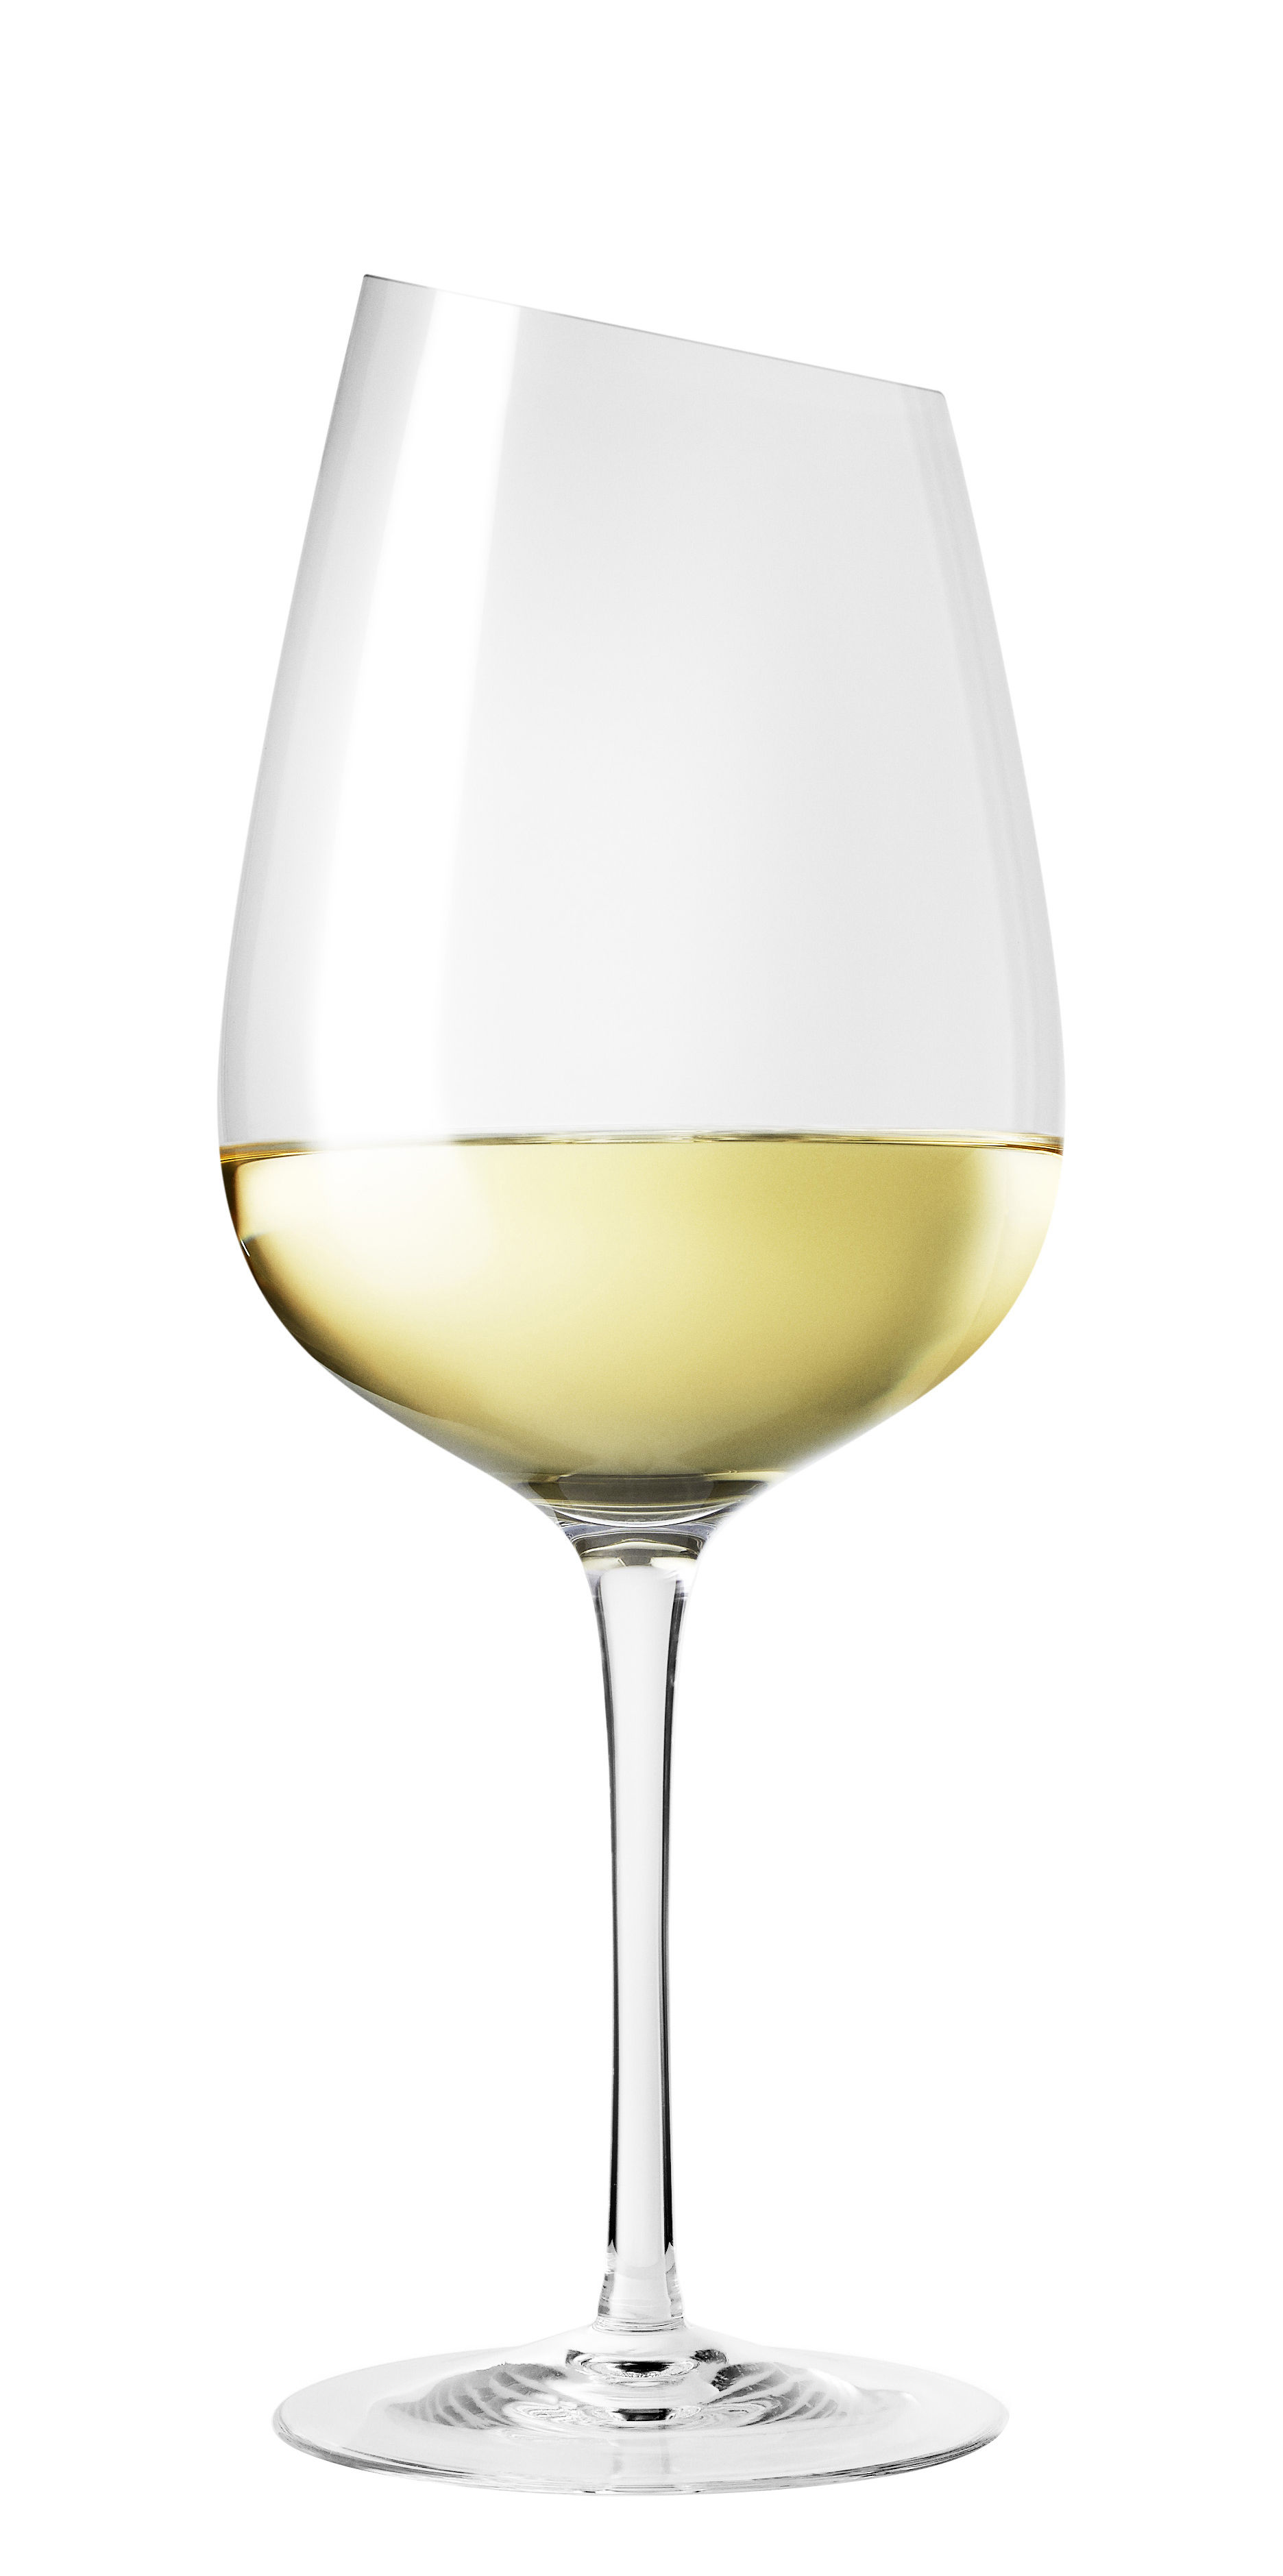 Tavola - Bicchieri  - Bicchiere da vino bianco Magnum / 60 cl - Eva Solo - Vin Bianco (60 cl) - Vetro soffiato a bocca